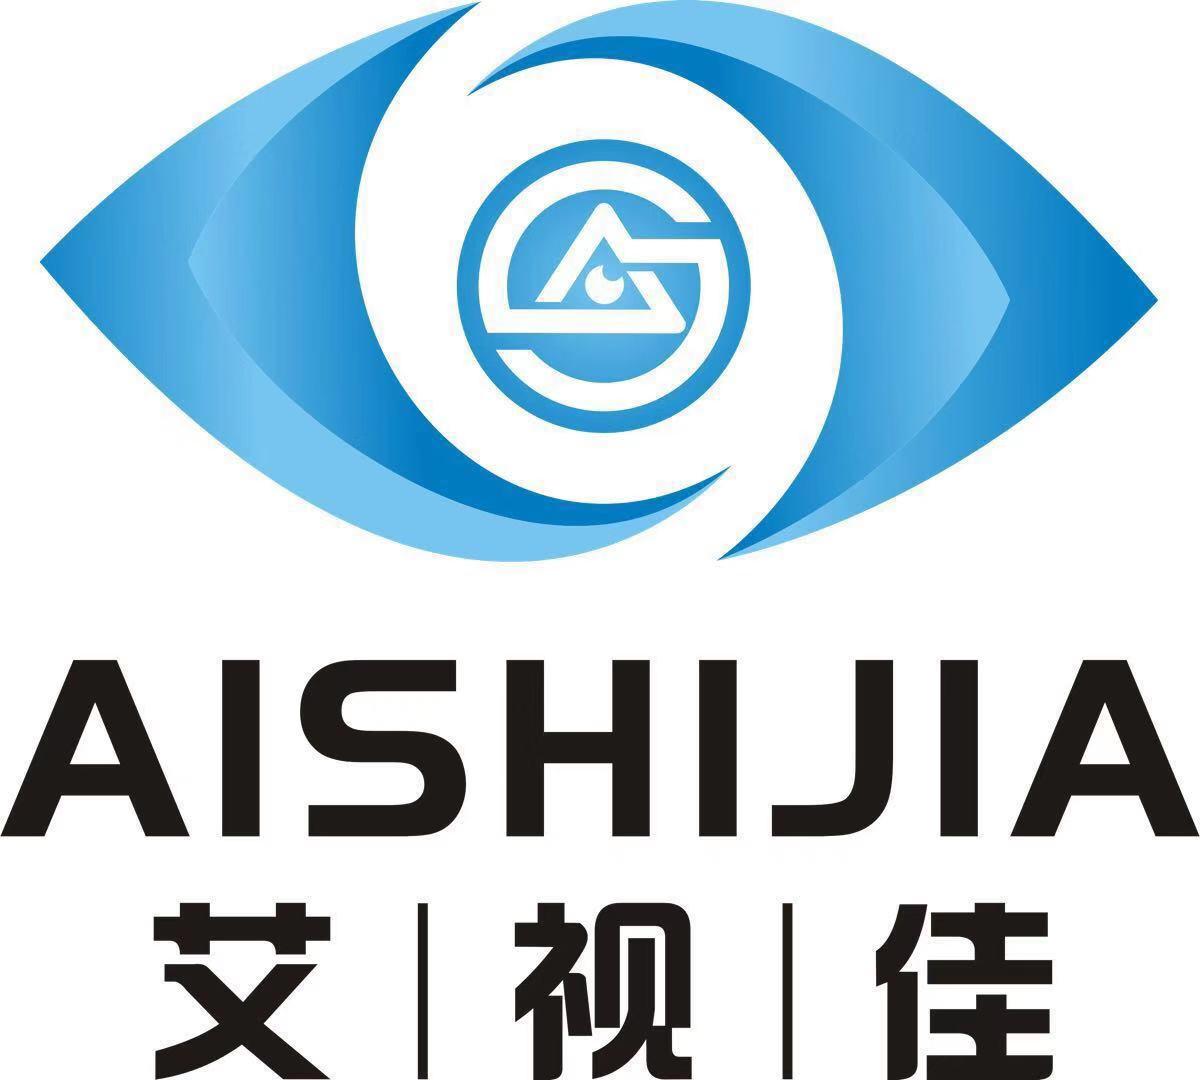 艾视佳视力科技(深圳)有限公司